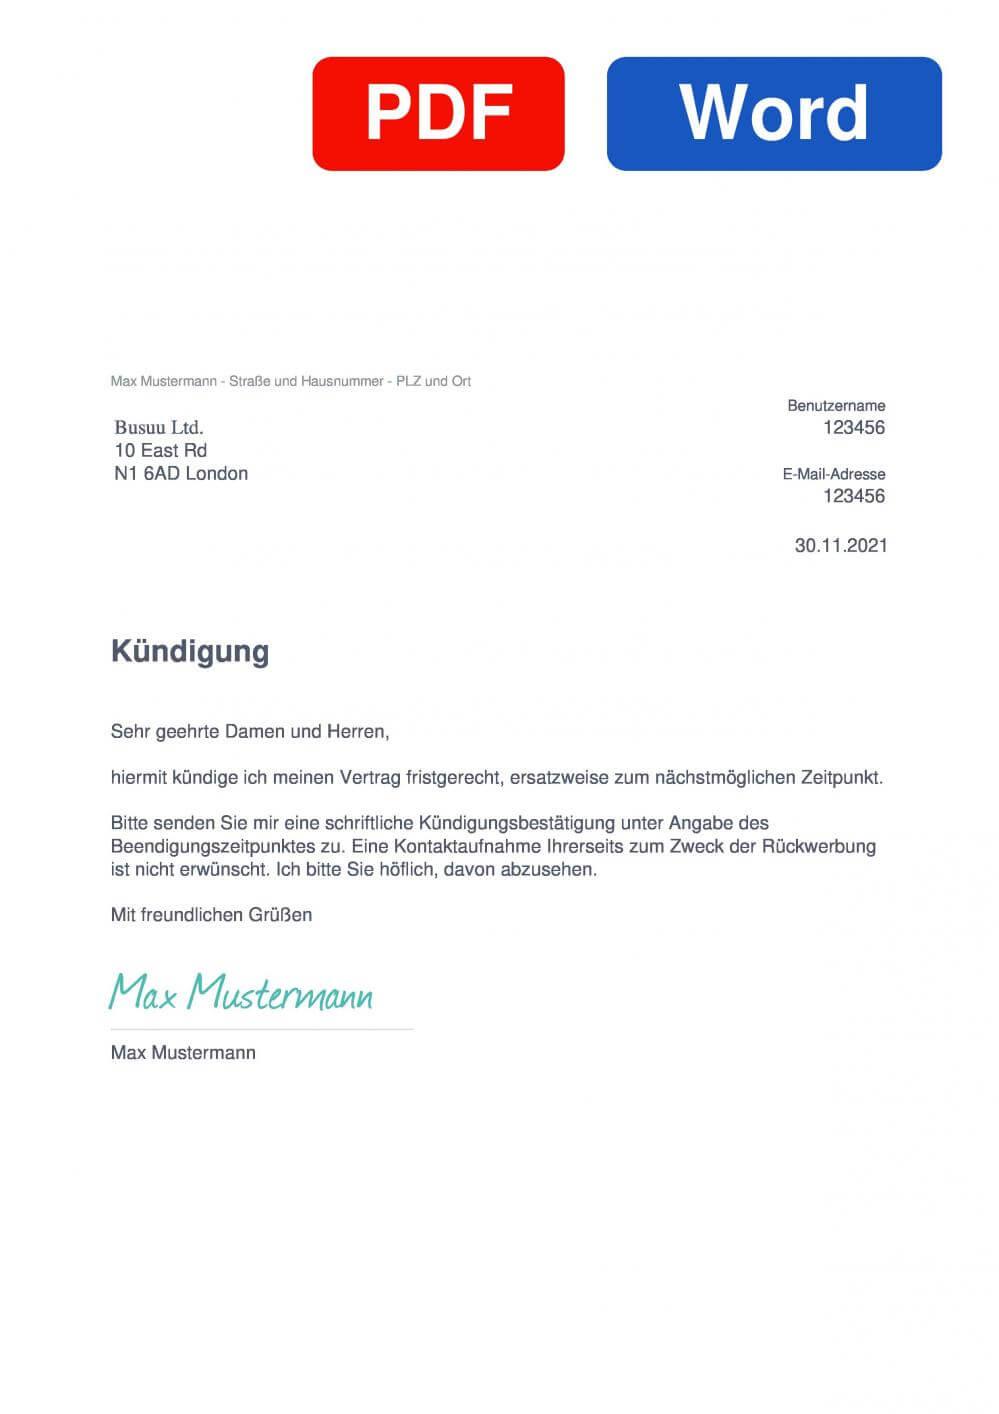 Busuu Muster Vorlage für Kündigungsschreiben